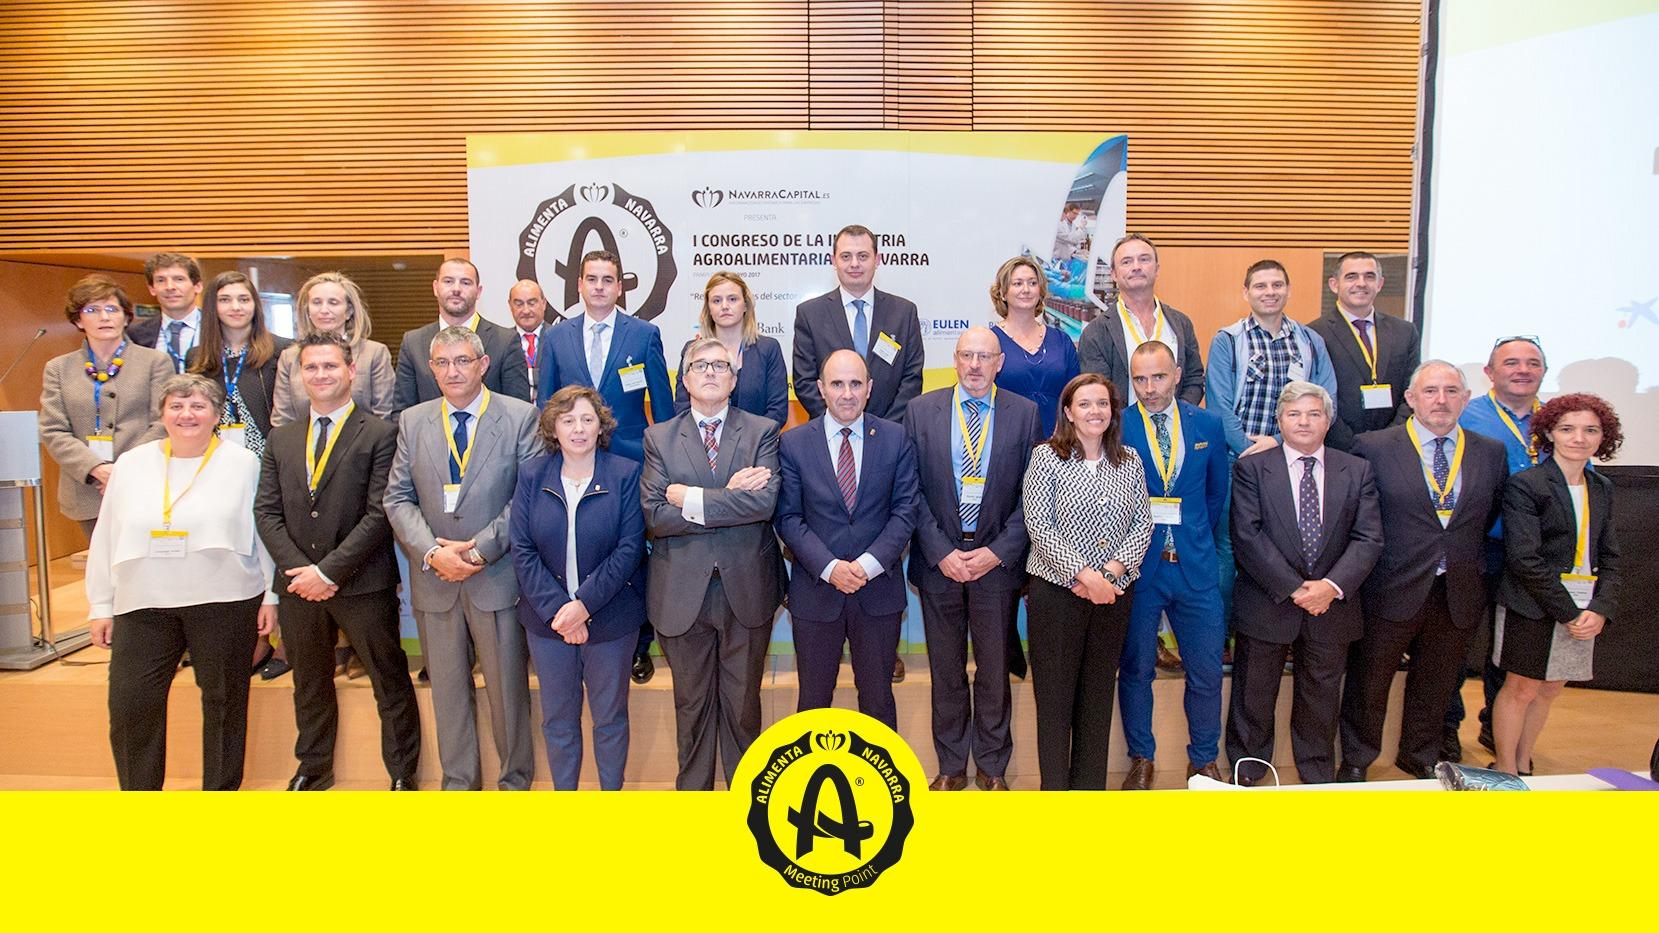 Foto de Famlia del primer congreso de Industria Agroalimentaria de Navarra